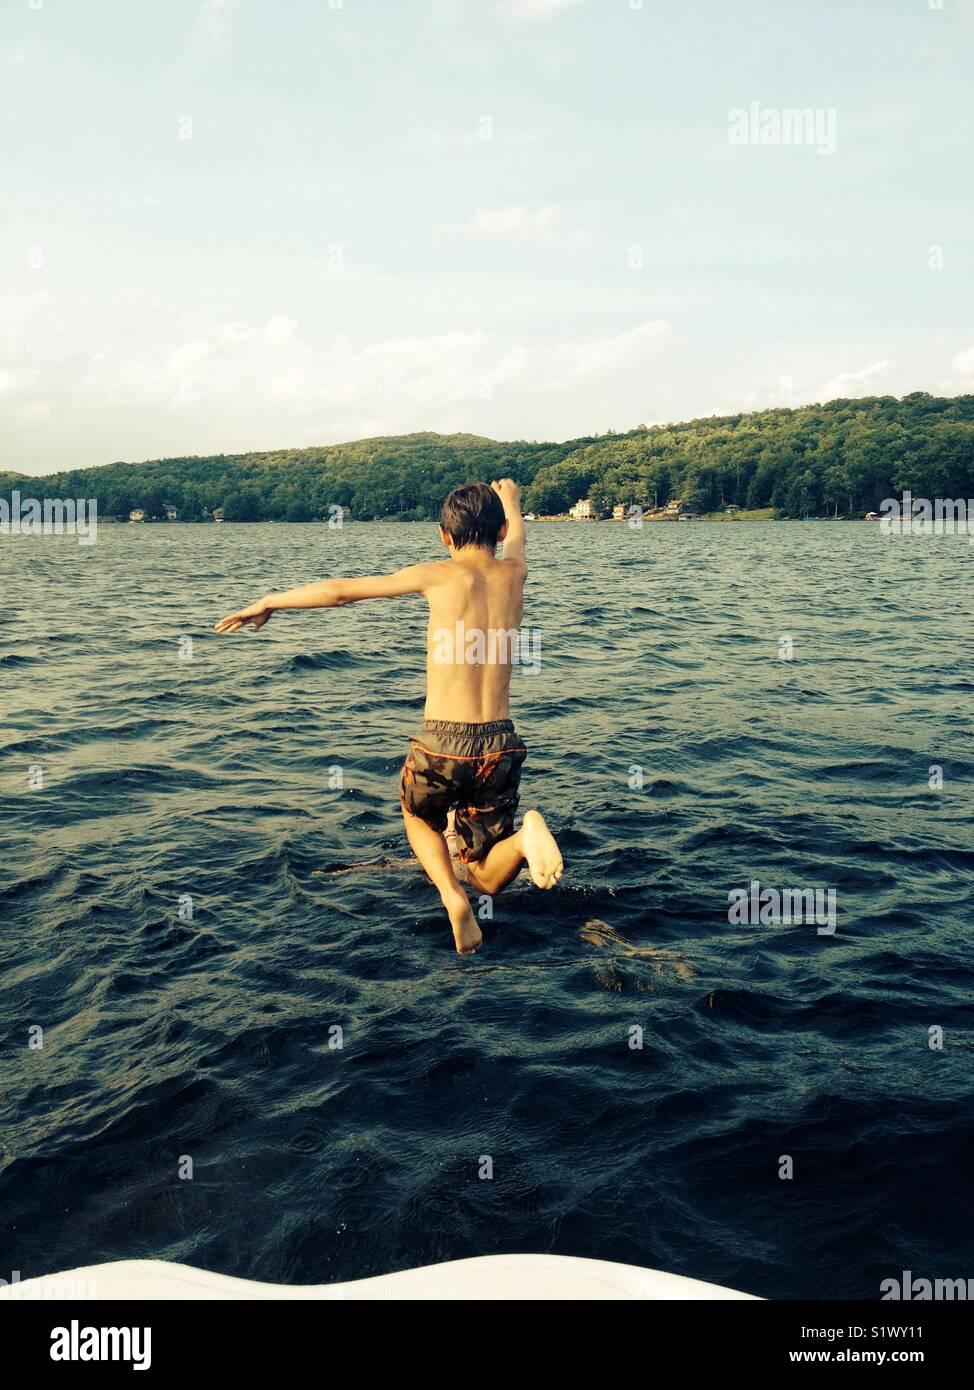 Sauter dans un lac Photo Stock